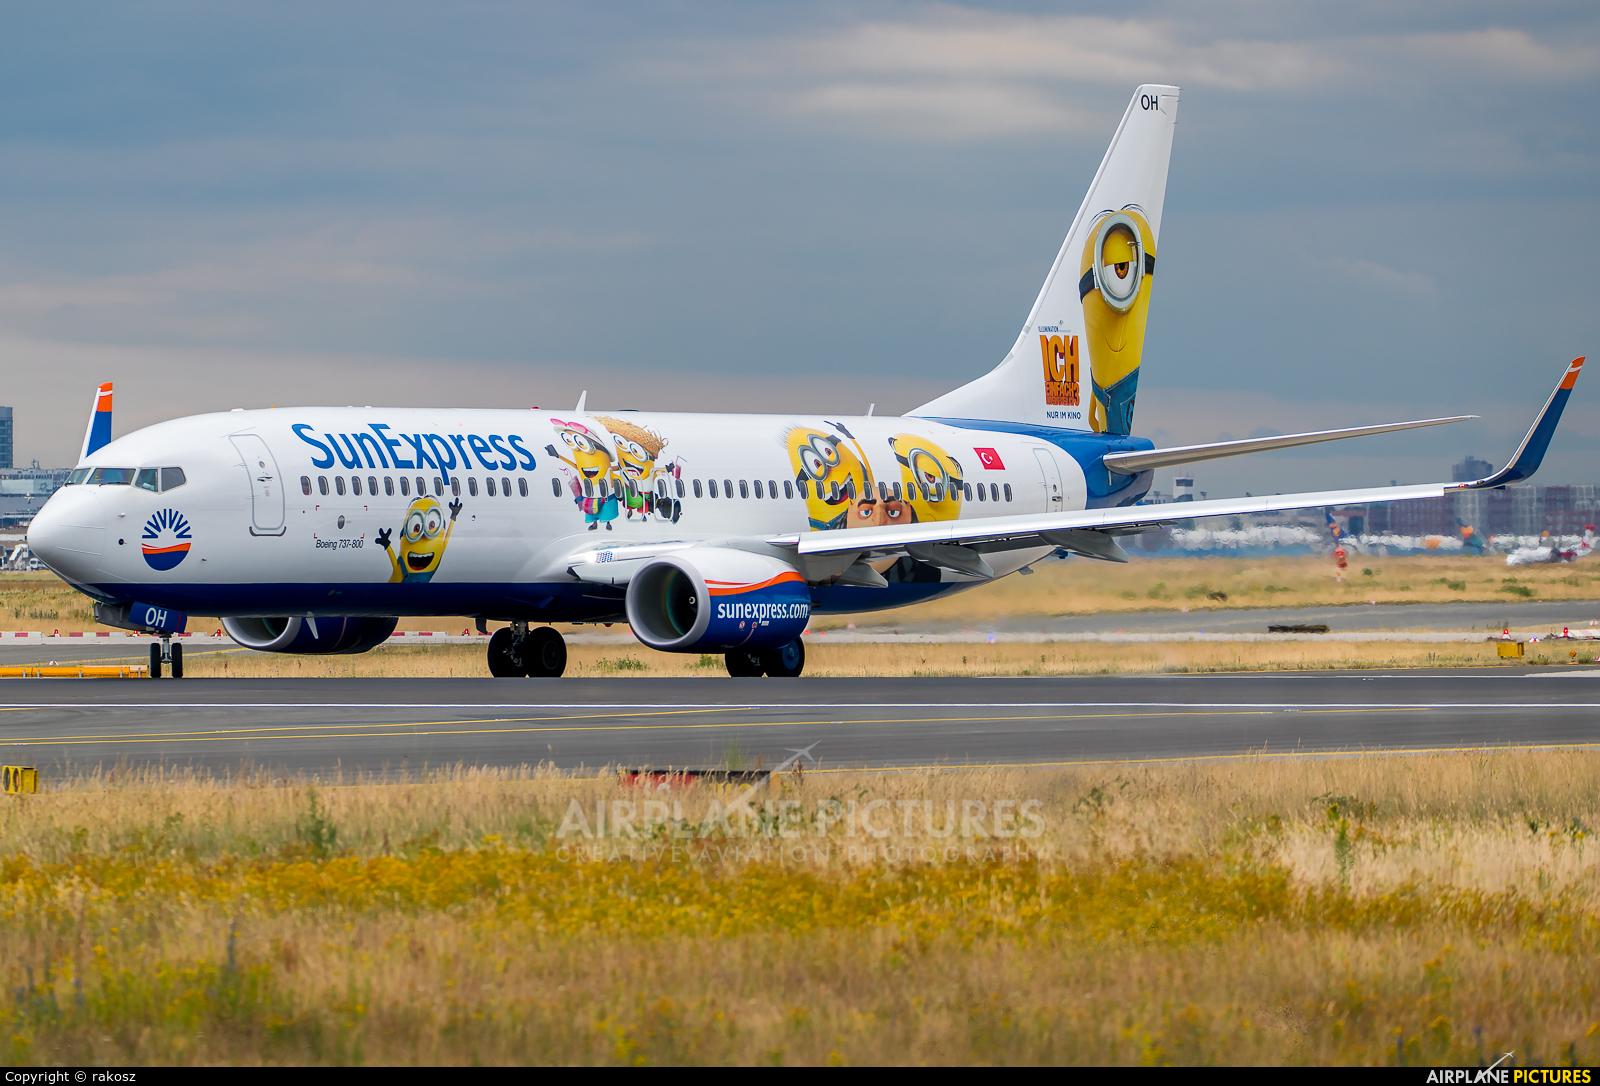 SunExpress TC-SOH aircraft at Frankfurt